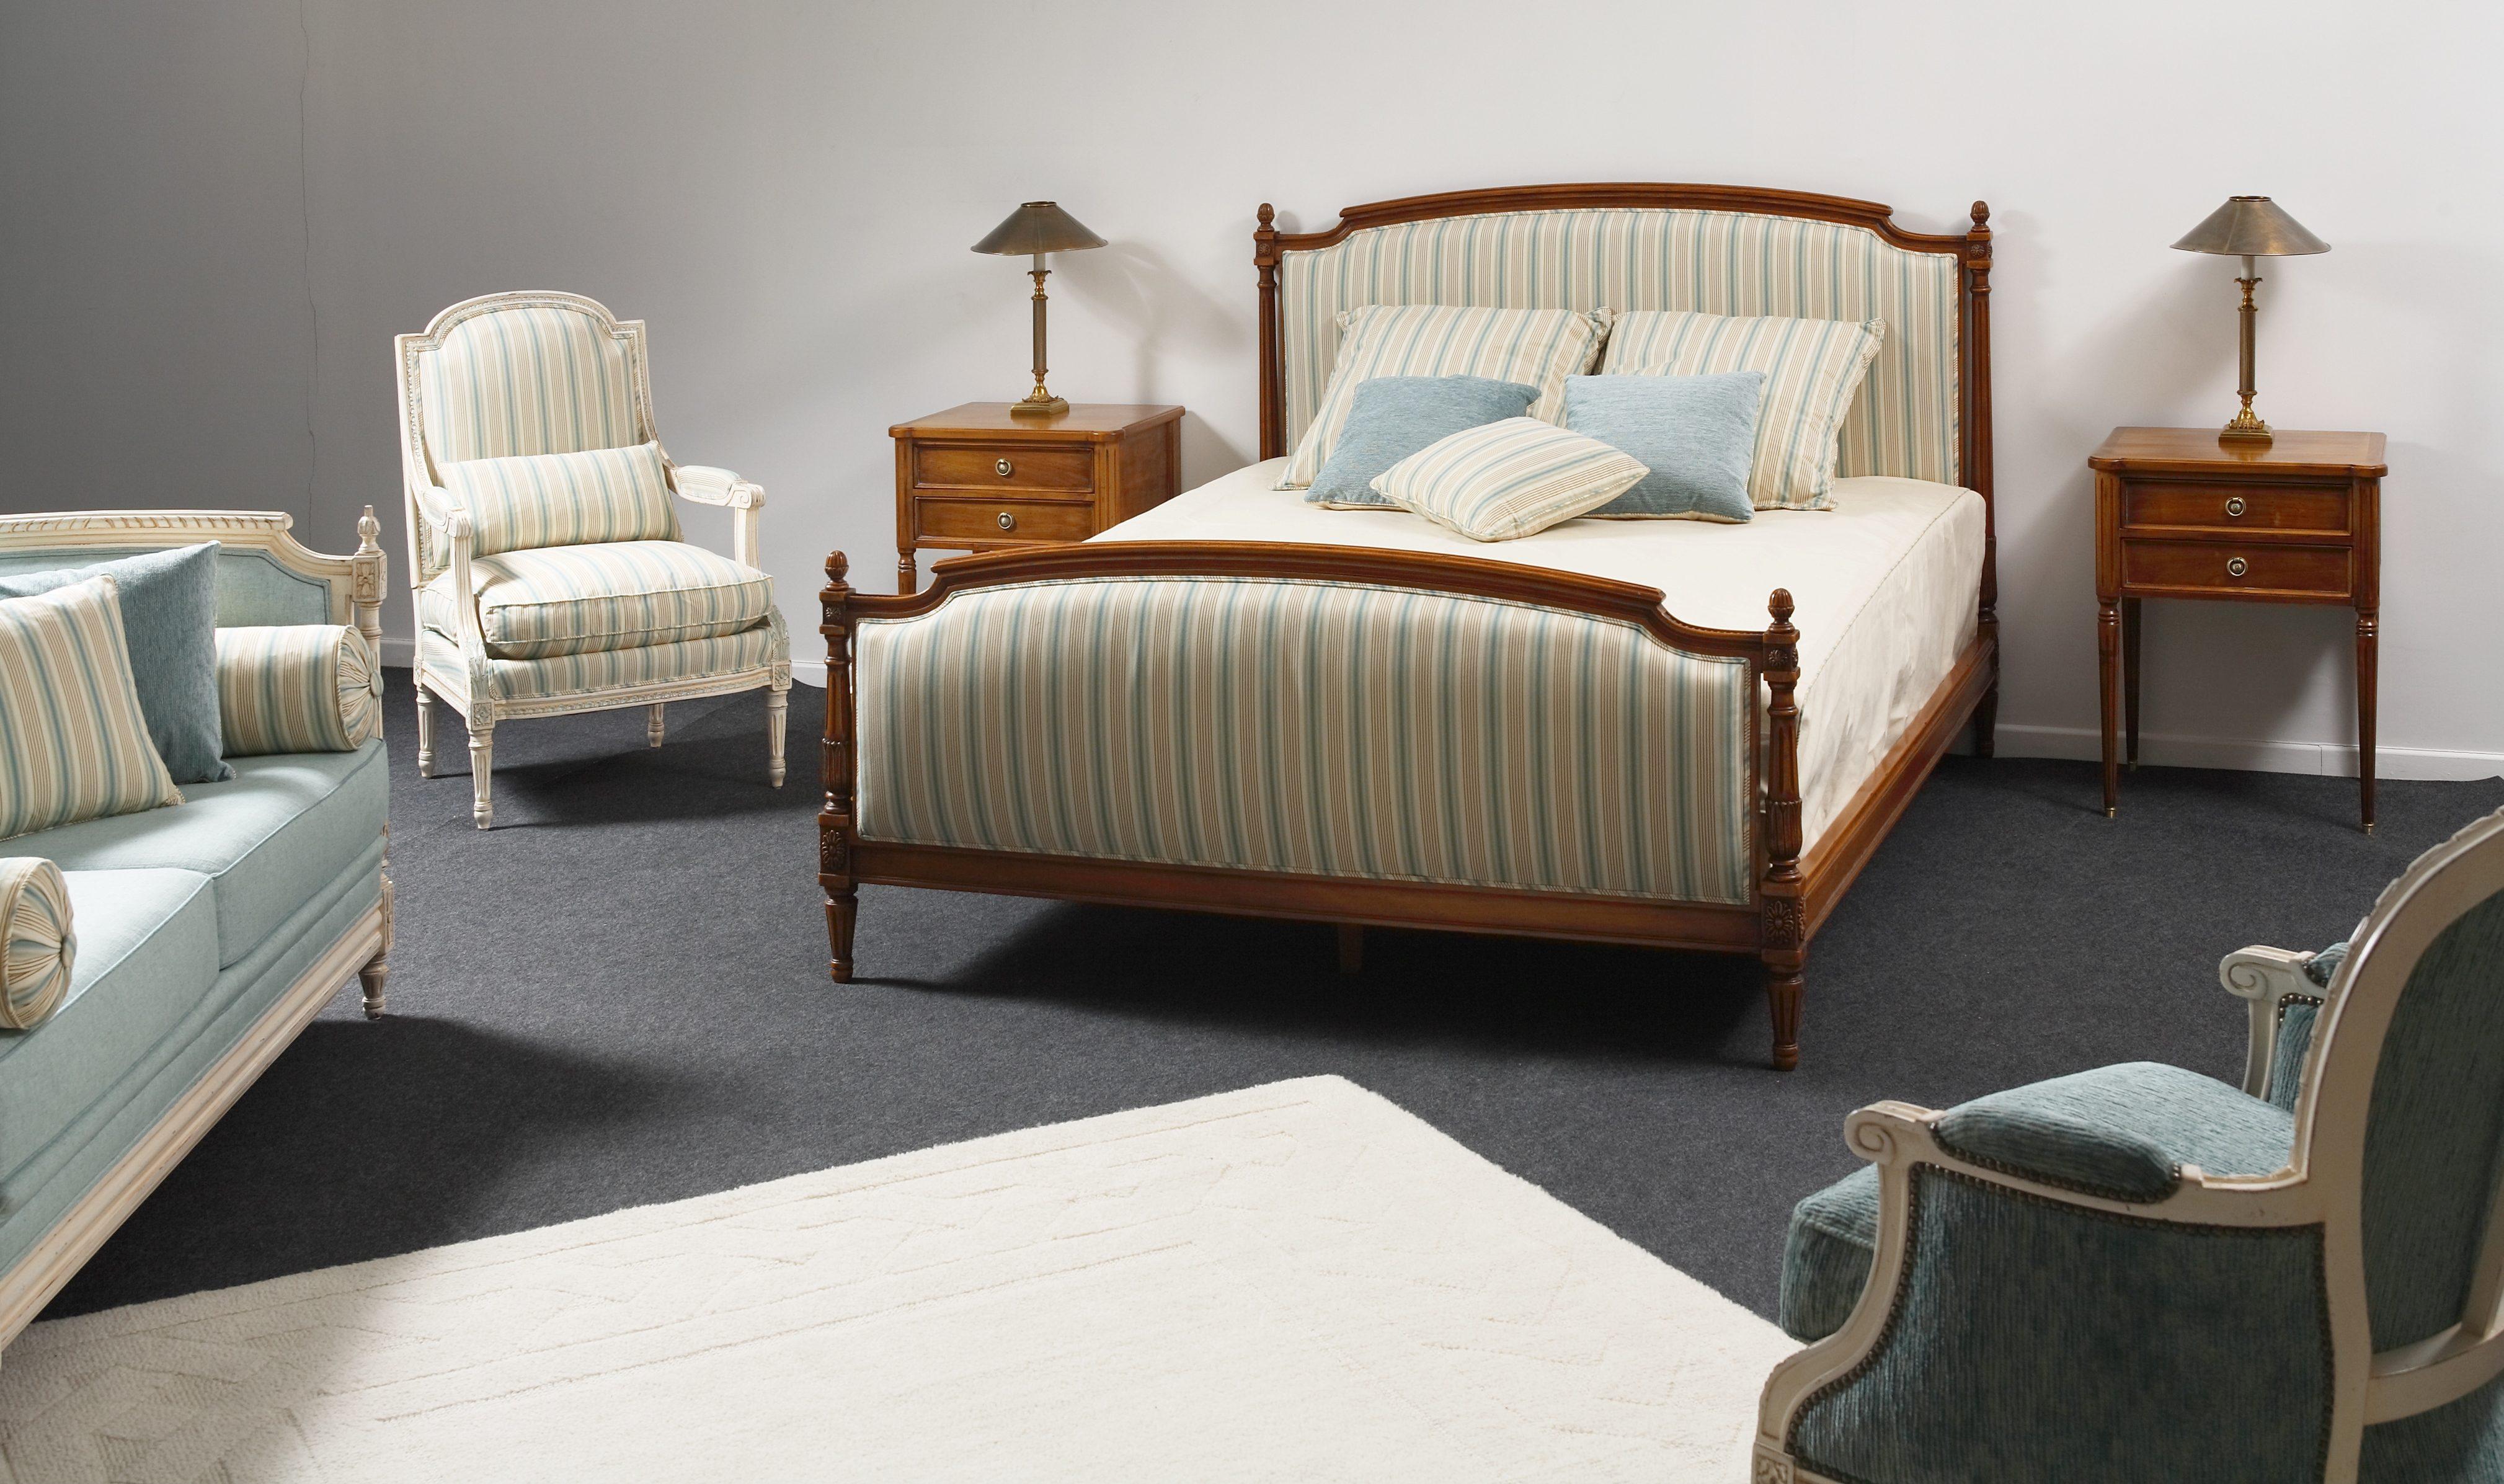 lit colonnes style louis xvi balzarotti cr ateur de meubles et si ges. Black Bedroom Furniture Sets. Home Design Ideas